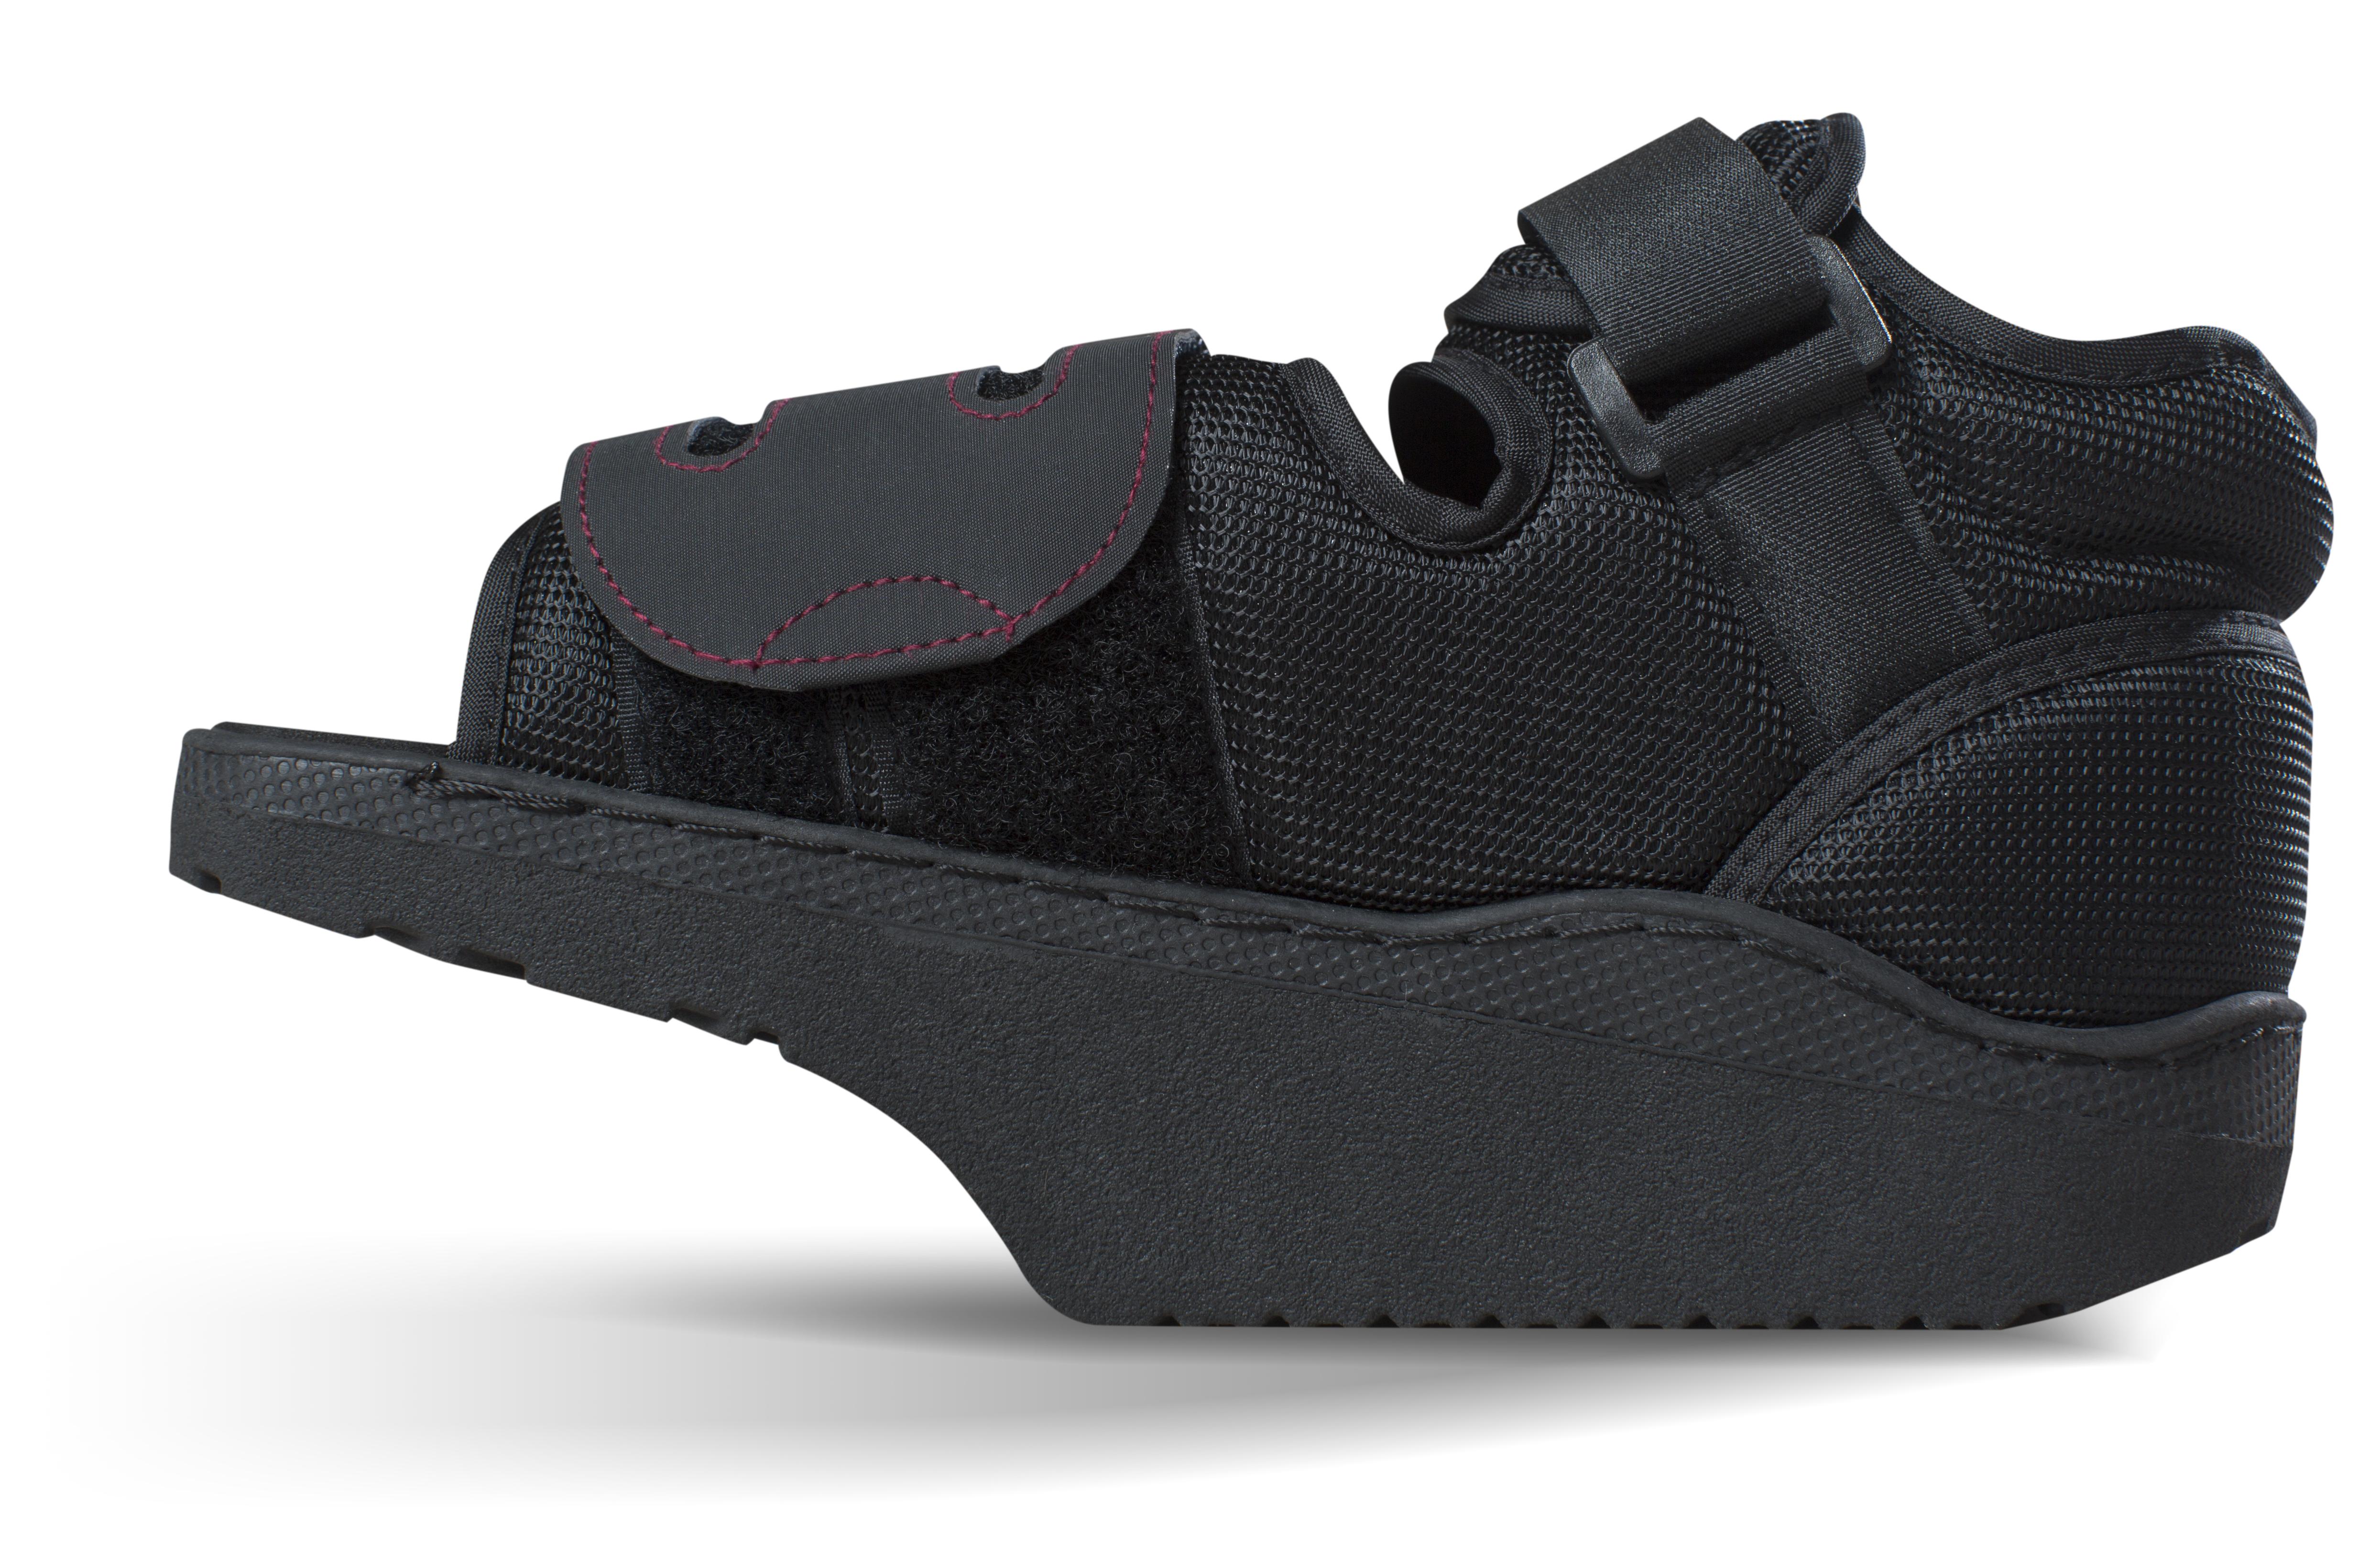 Image Of Off Loading Shoe ProcareRemedy Pro X-Large Black Unisex